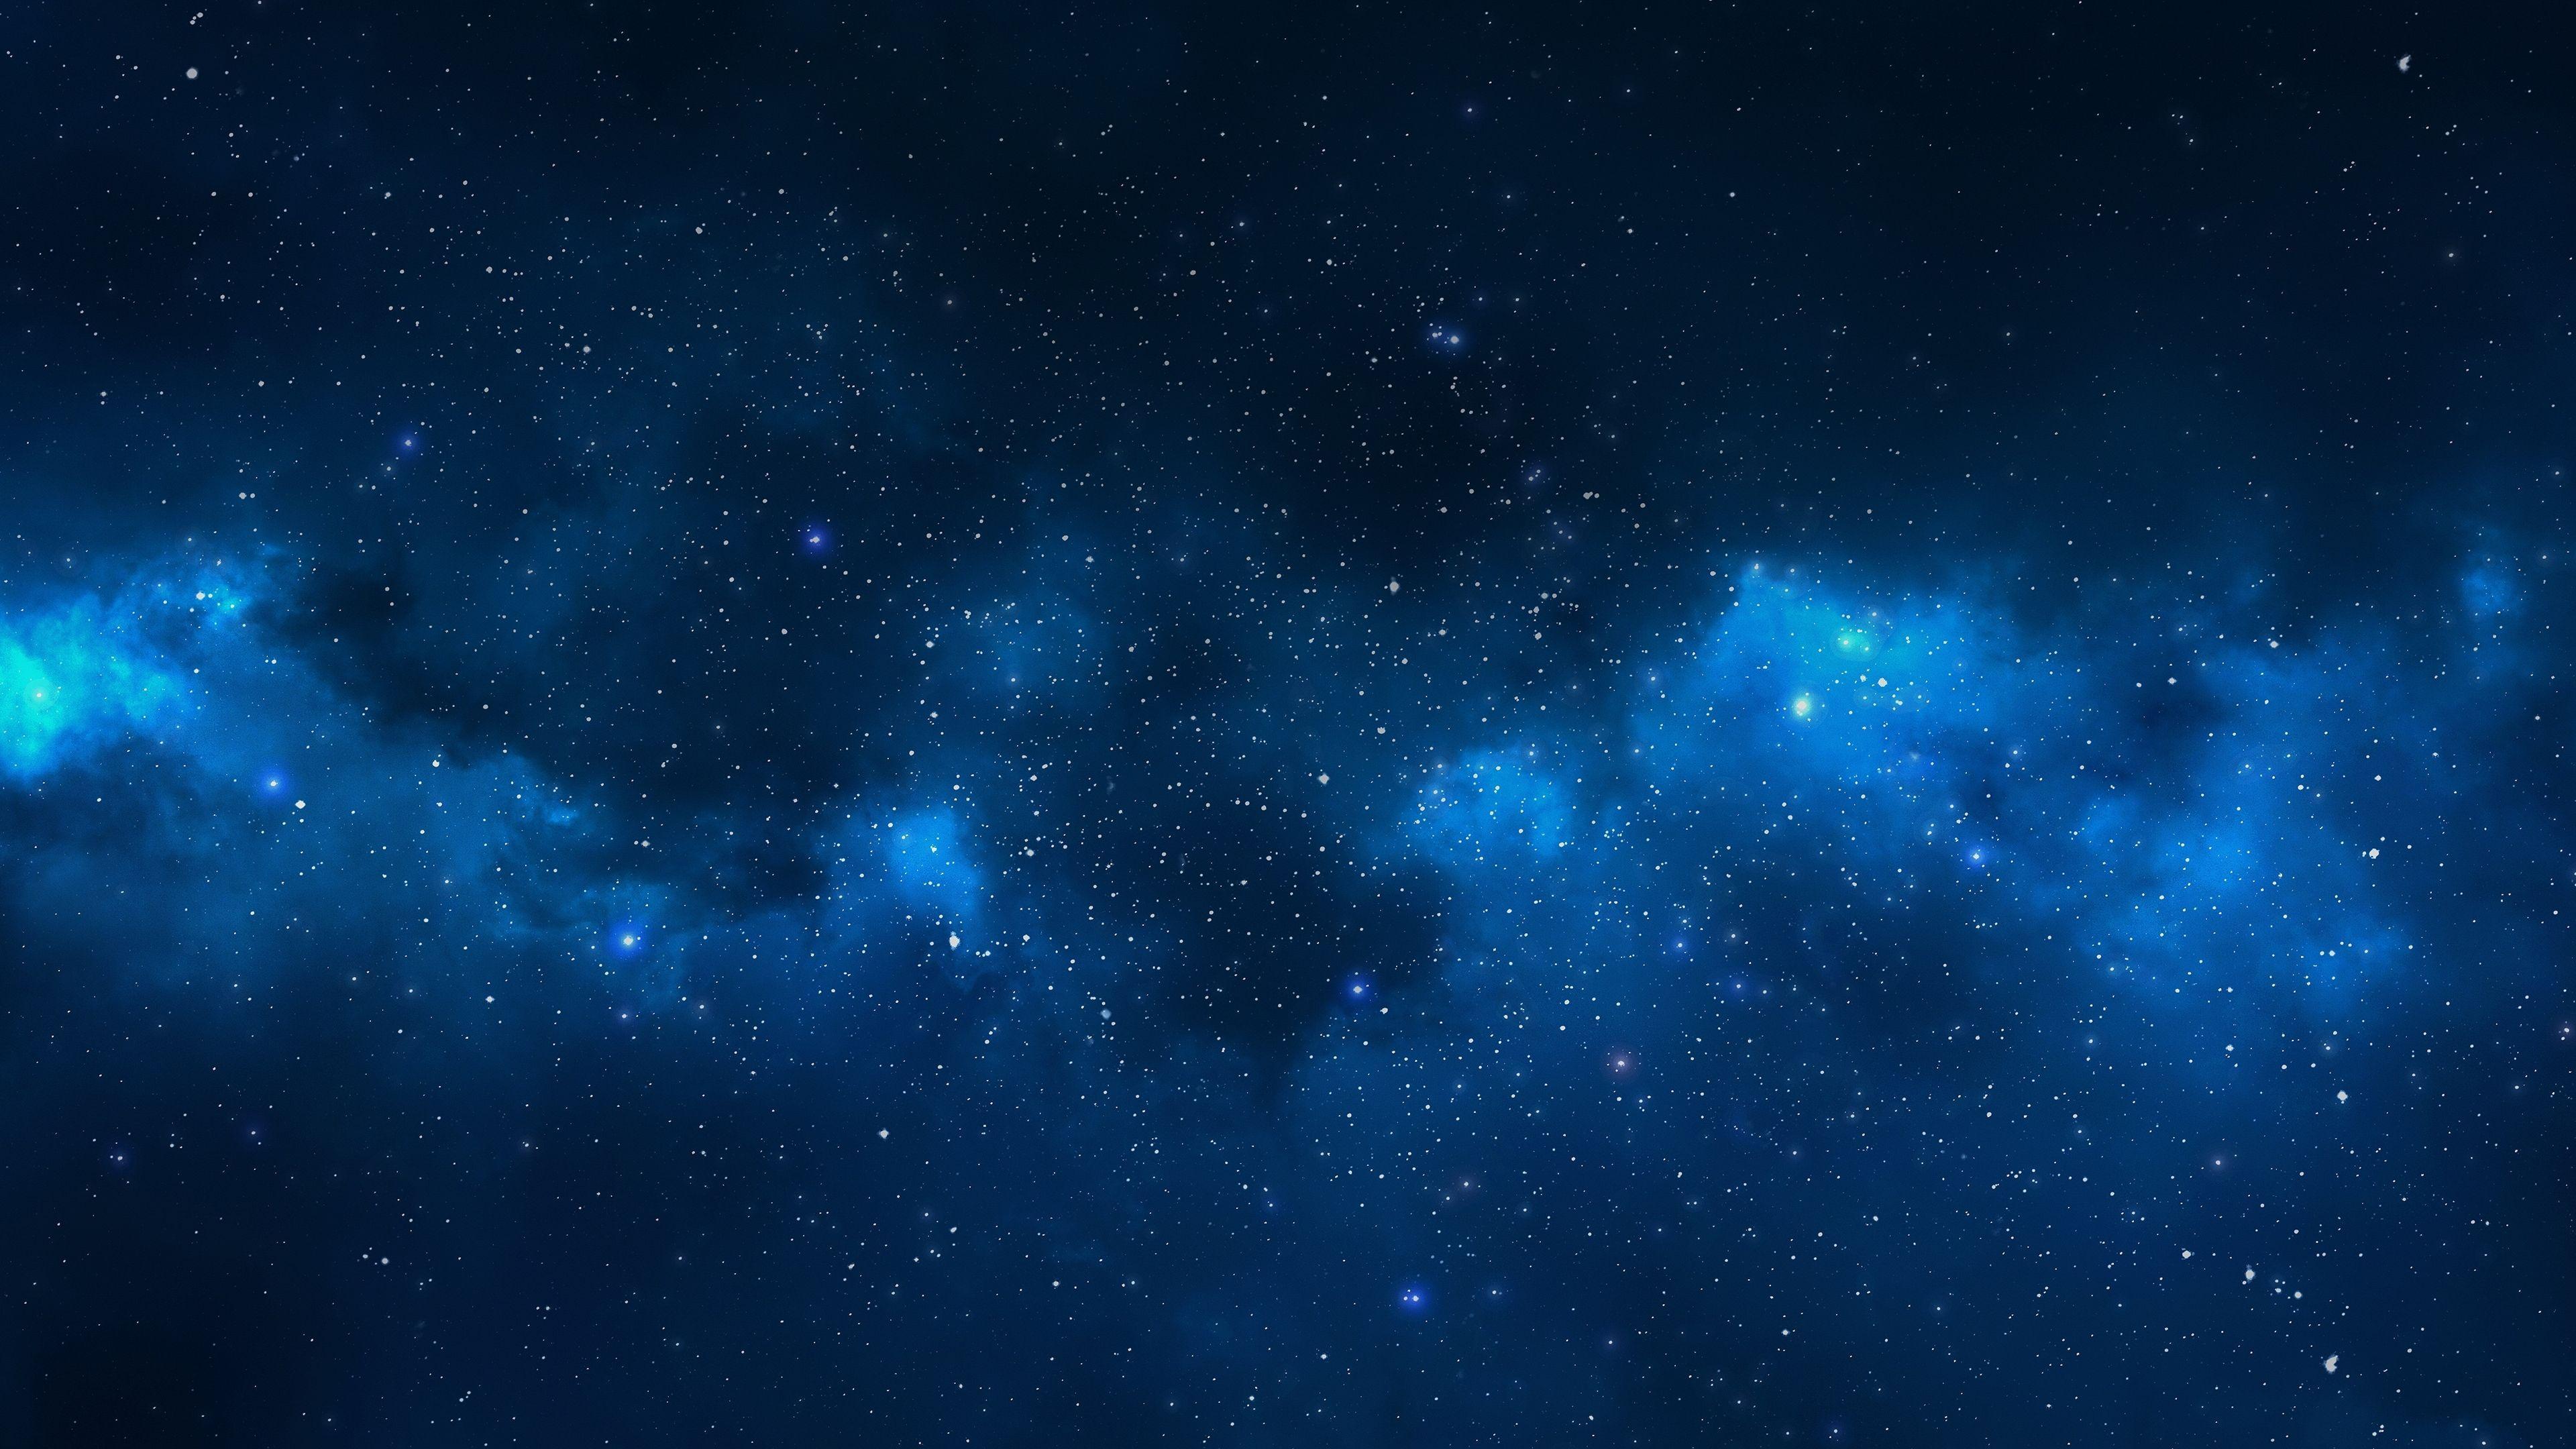 10 New 4k Galaxy Wallpaper Full Hd 1080p For Pc Background Fond Ecran Font D Ecran Ecran